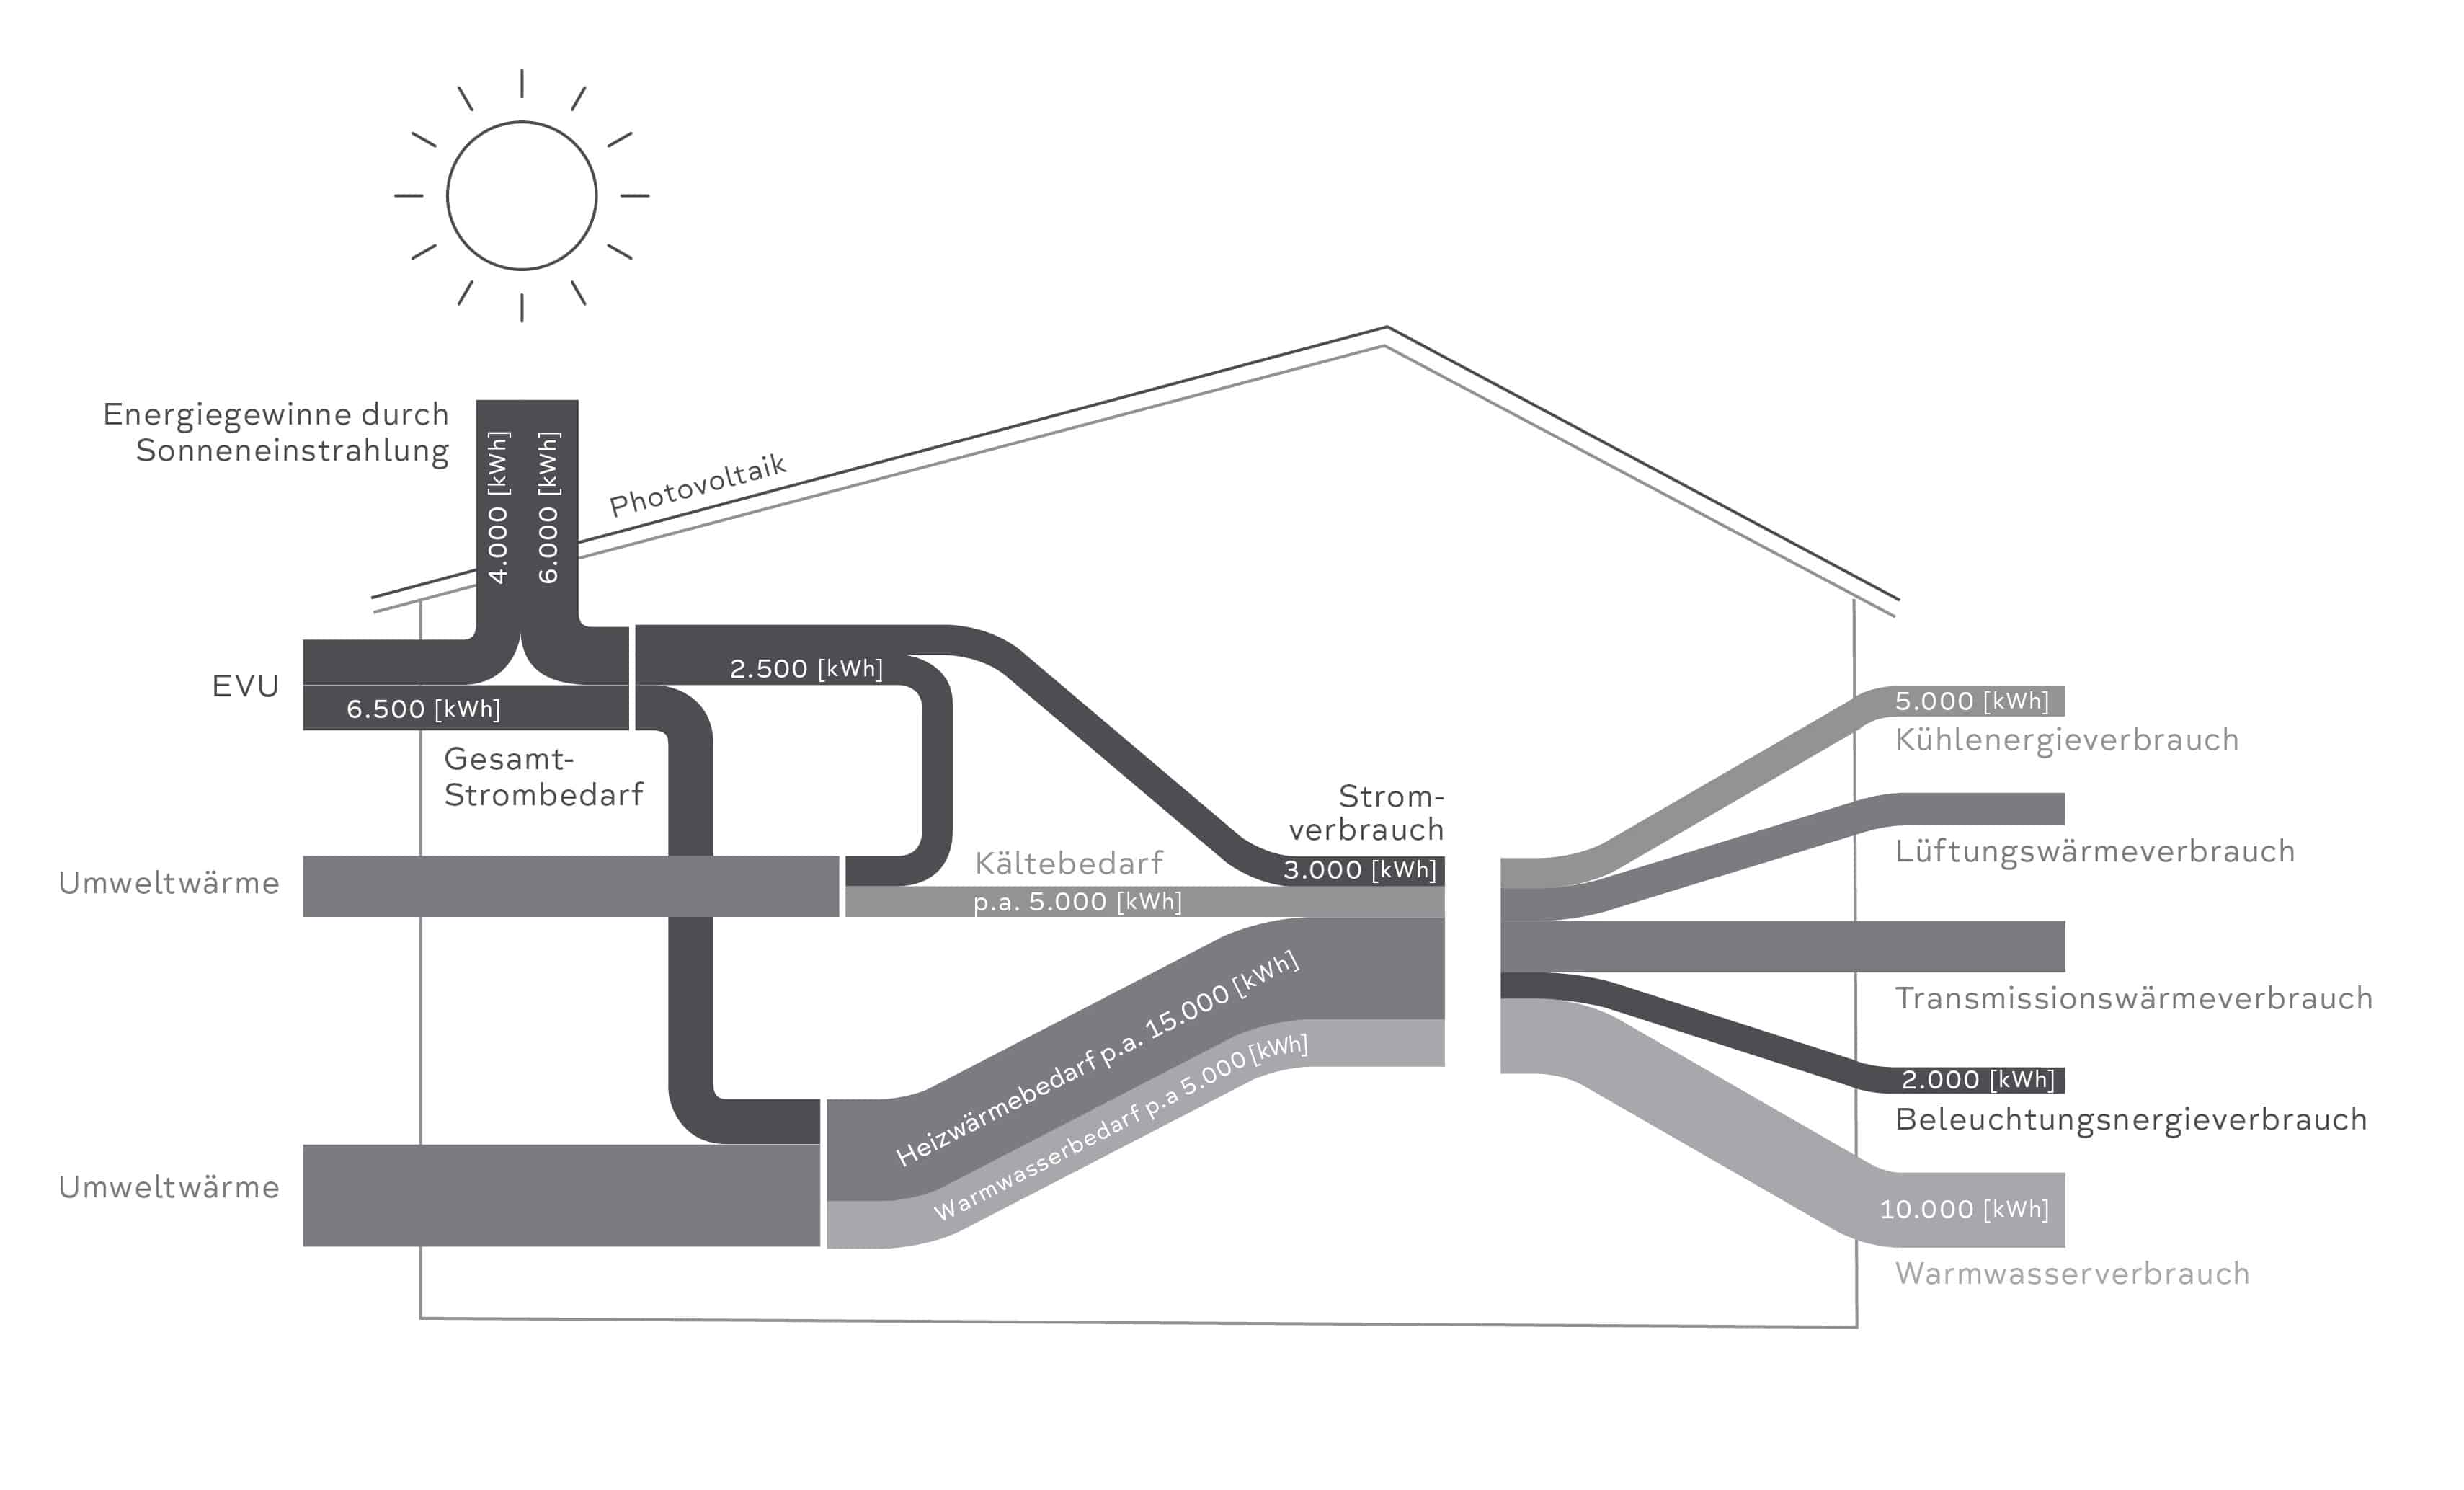 PEG-Jahresenergieflussdiagramm